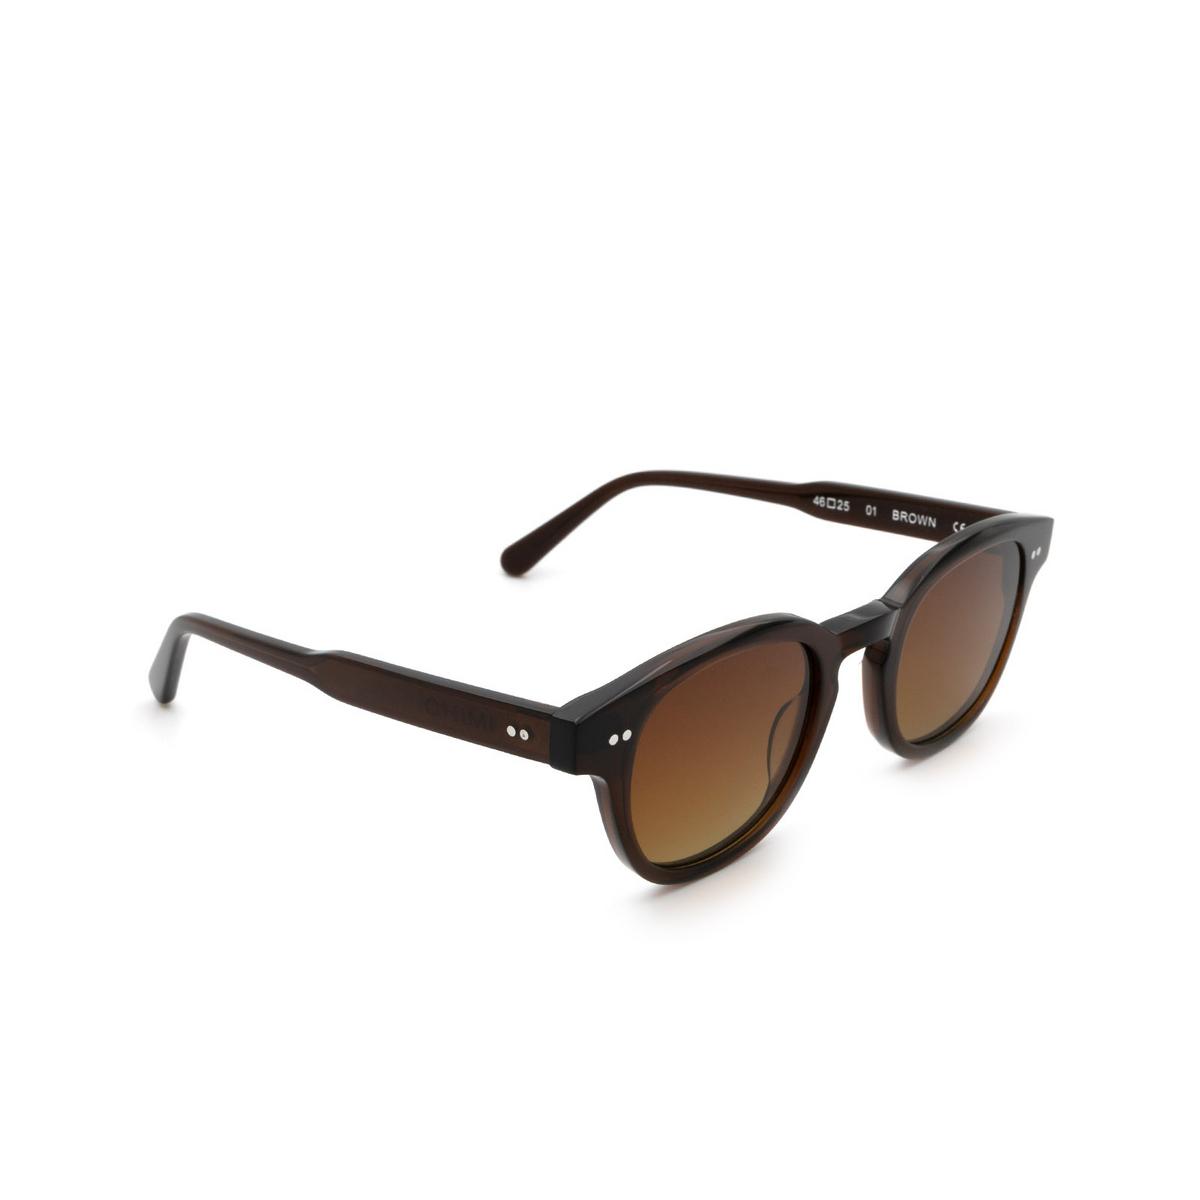 Chimi® Square Sunglasses: 01 color Brown.